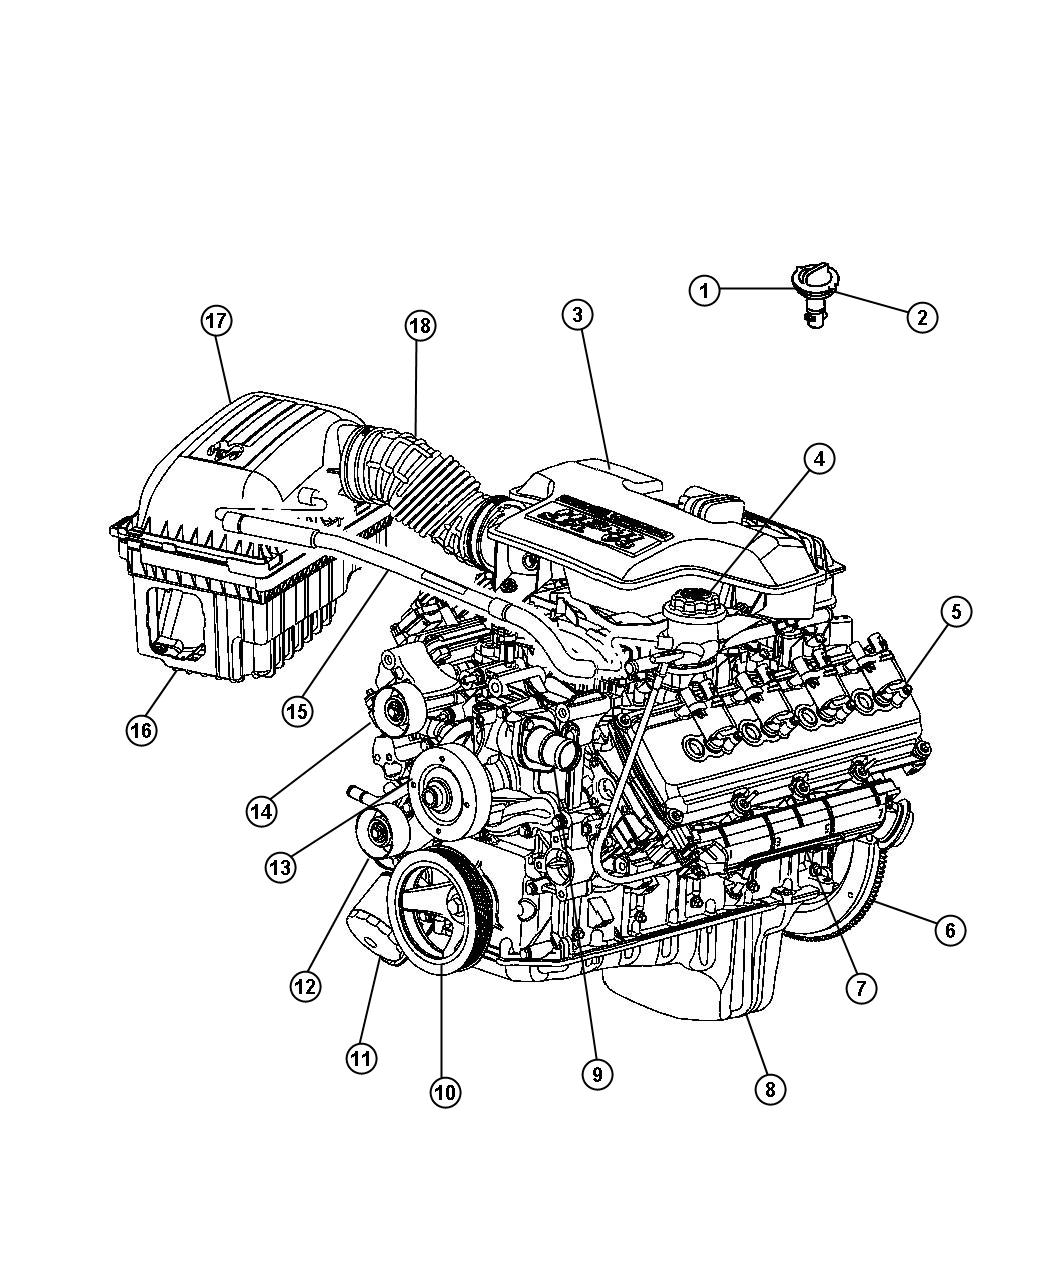 2011 Chrysler Sebring Pulley. Idler. Engine, alternator